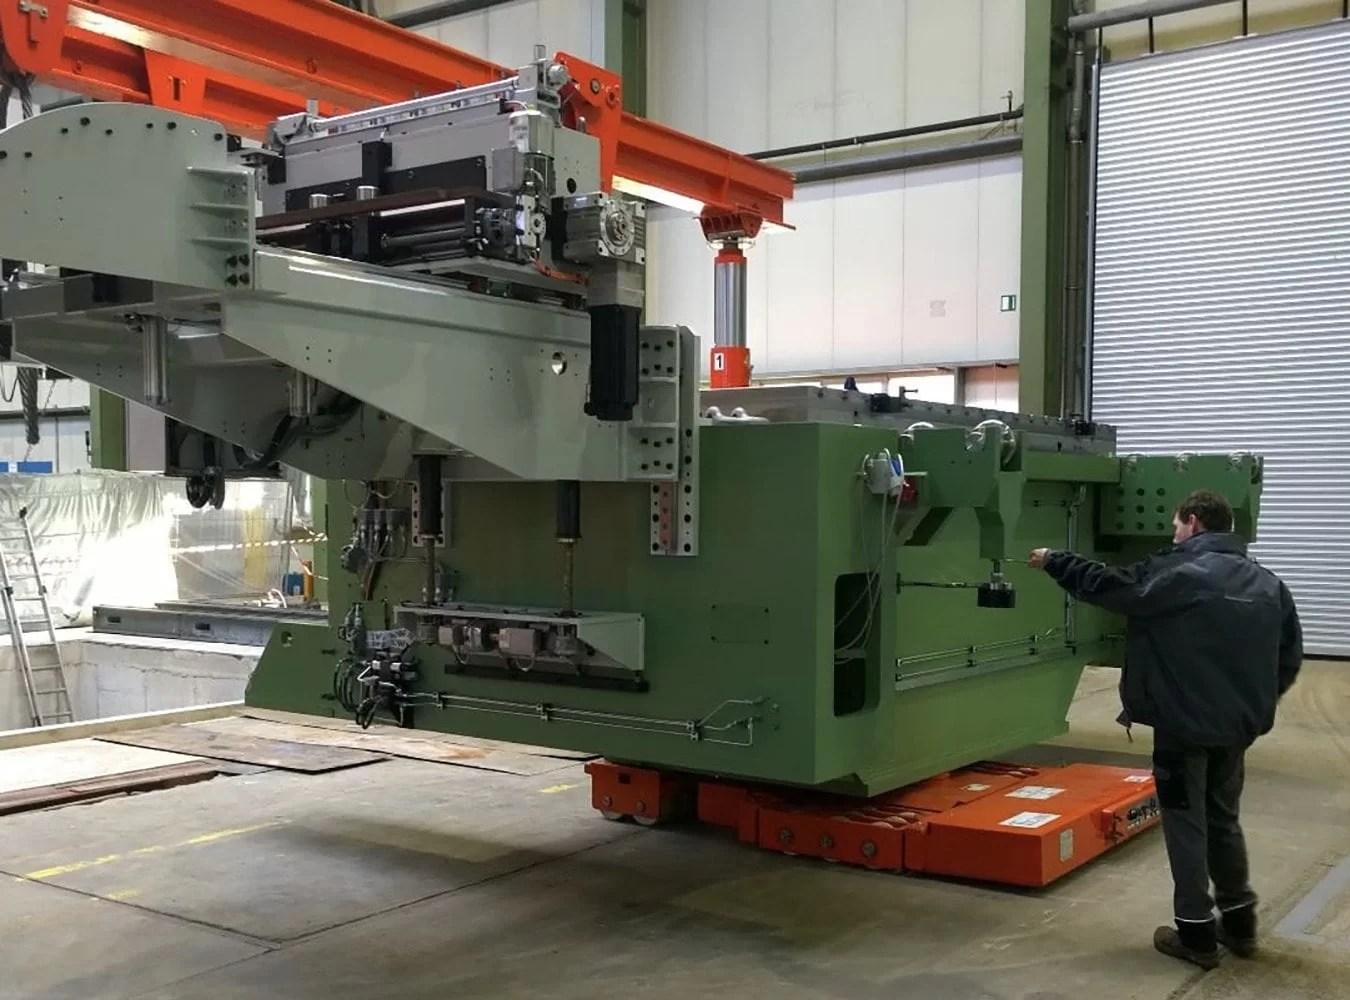 Wij zijn Jozef Hermans Industrial Movers: dé specialist om uw productie machine zorgeloos, waar dan ook ter wereld, te verplaatsen.